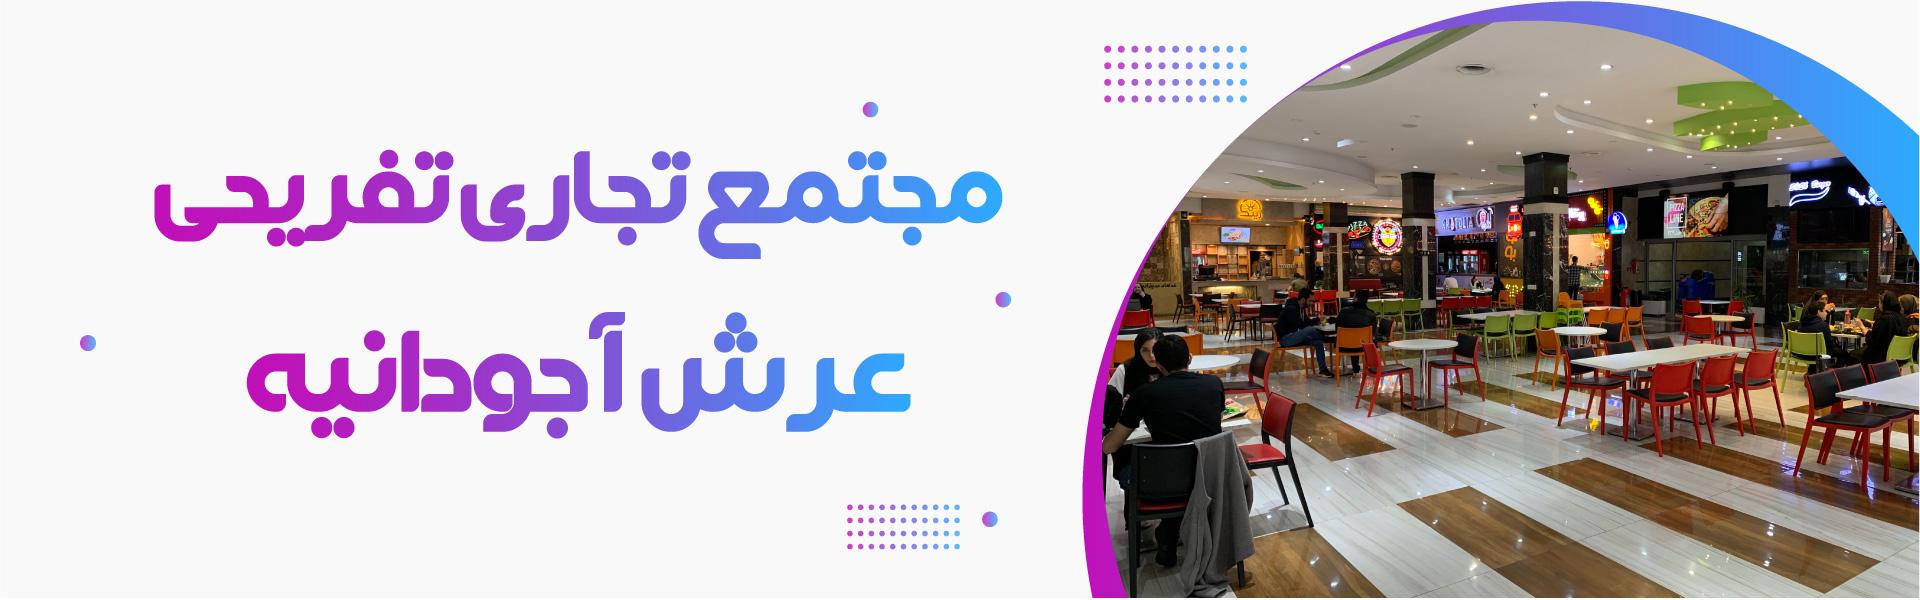 درباره مجتمع تجاری تفریحی عرش آجودانیه تهران